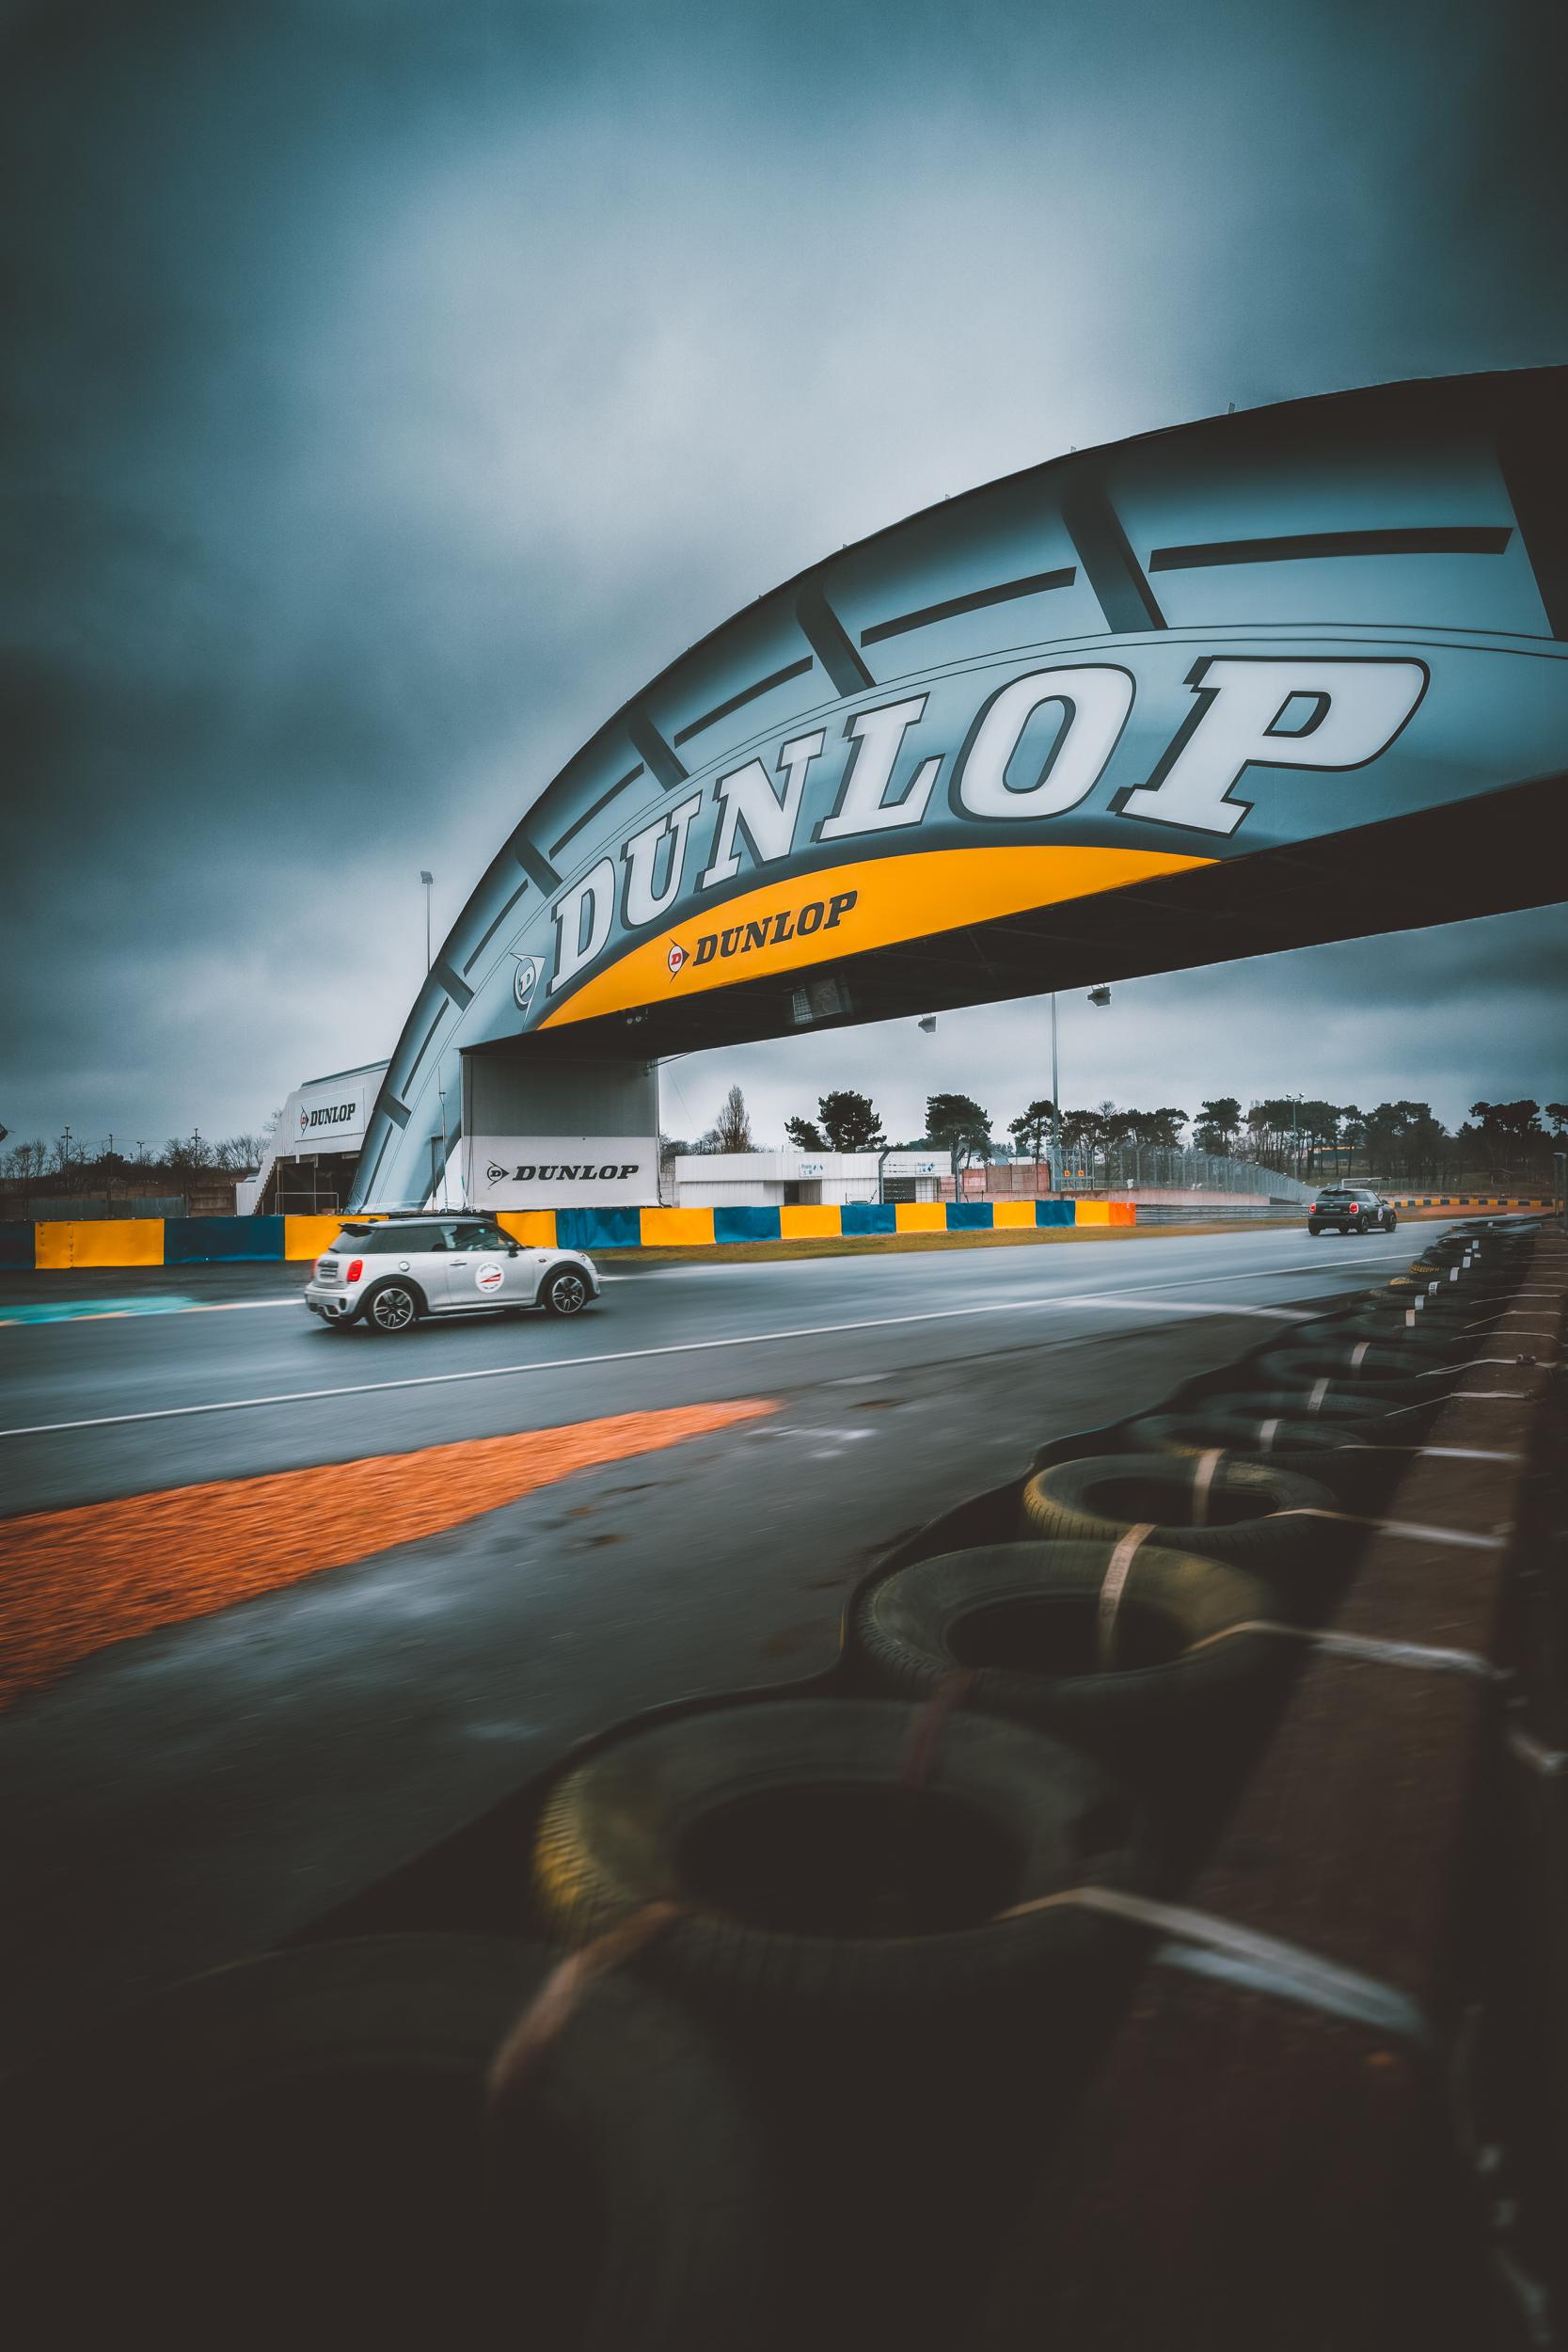 - Pendant 3 jours le weekend du 24 et 25 mars, le circuit du Mans est ouvert au public qui peux venir piloté sur le circuit. Mini France m'a demandé à cette occasion de venir réaliser un reportage